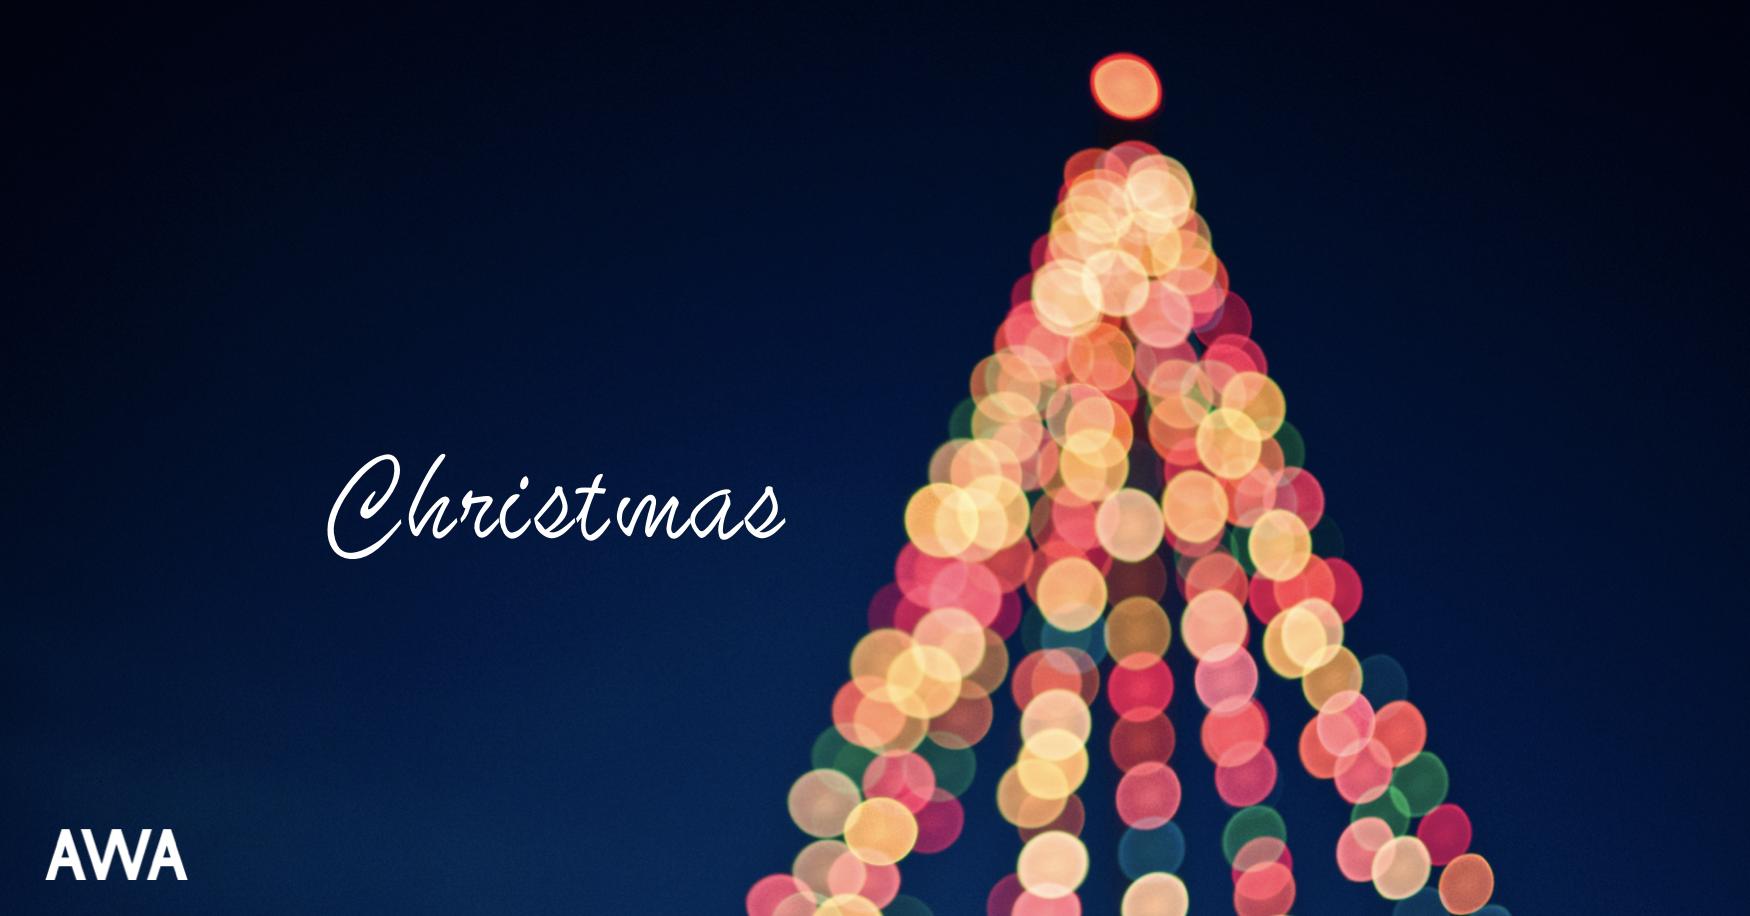 """クリスマスもAWAで音楽との素敵な """"出会い"""" と """"再会"""" がありますように。"""